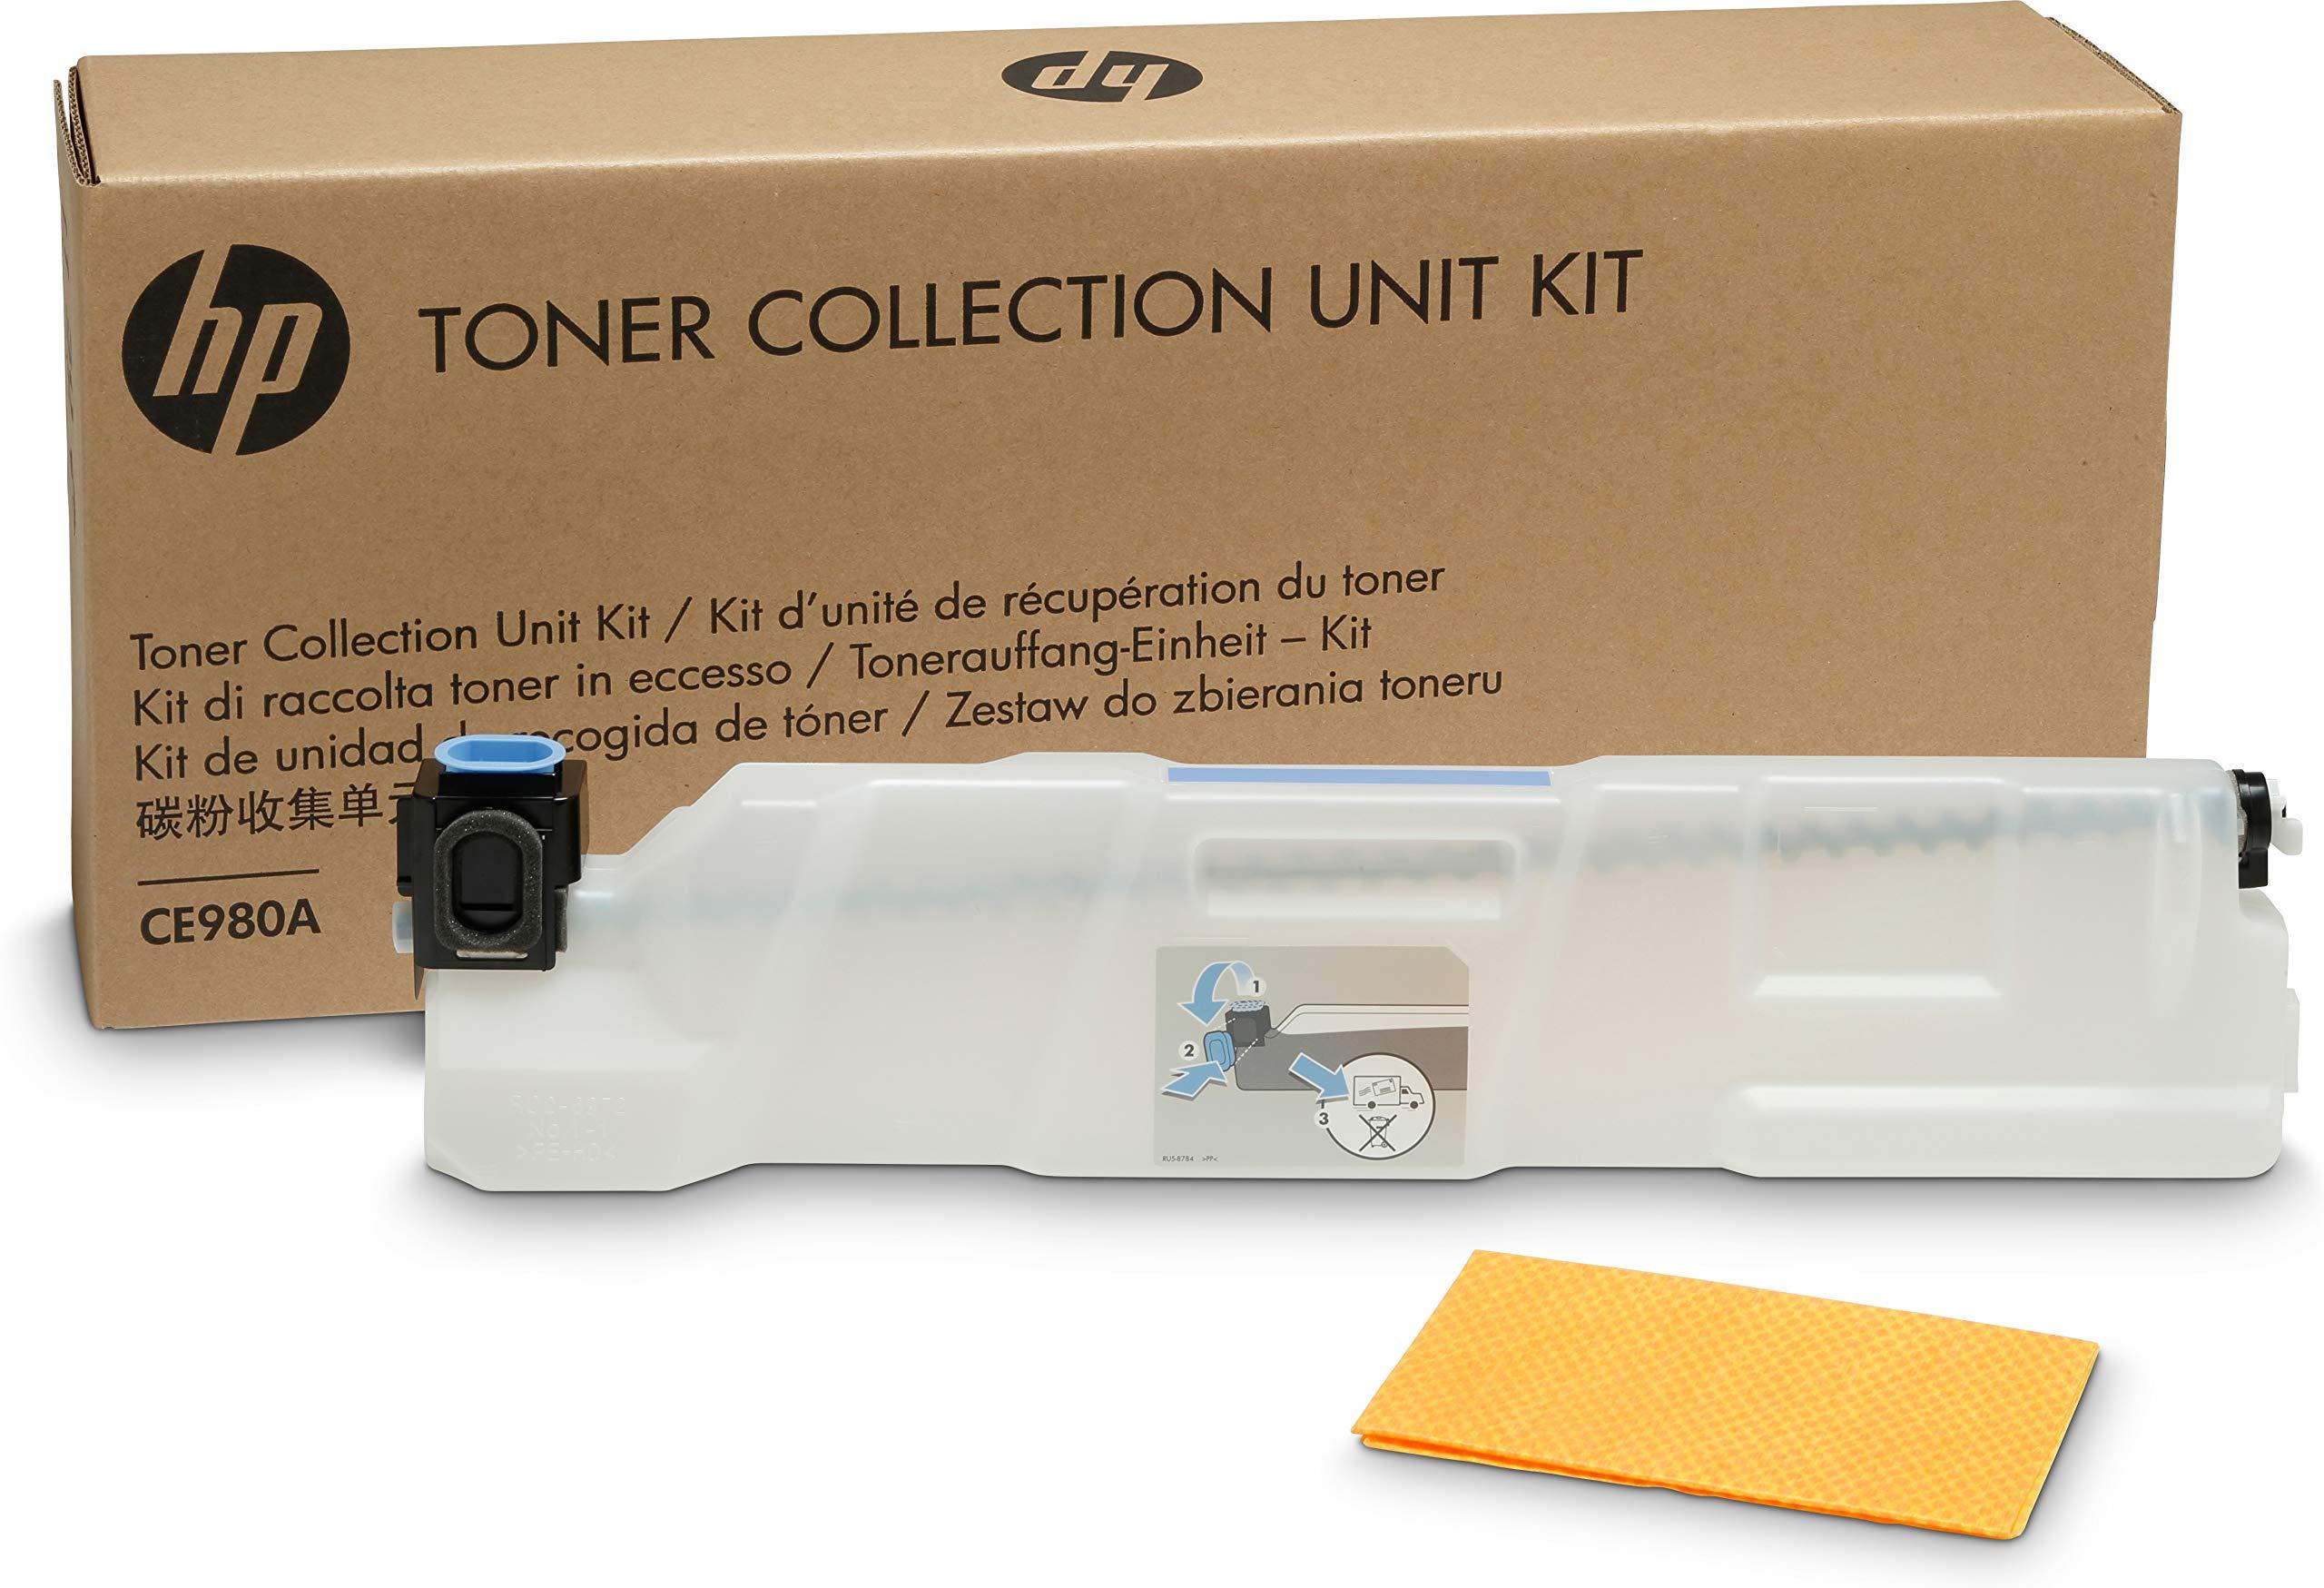 Toner Original Hp Ce980a Collection Para Color Laserjet Cp5525 M750 M775